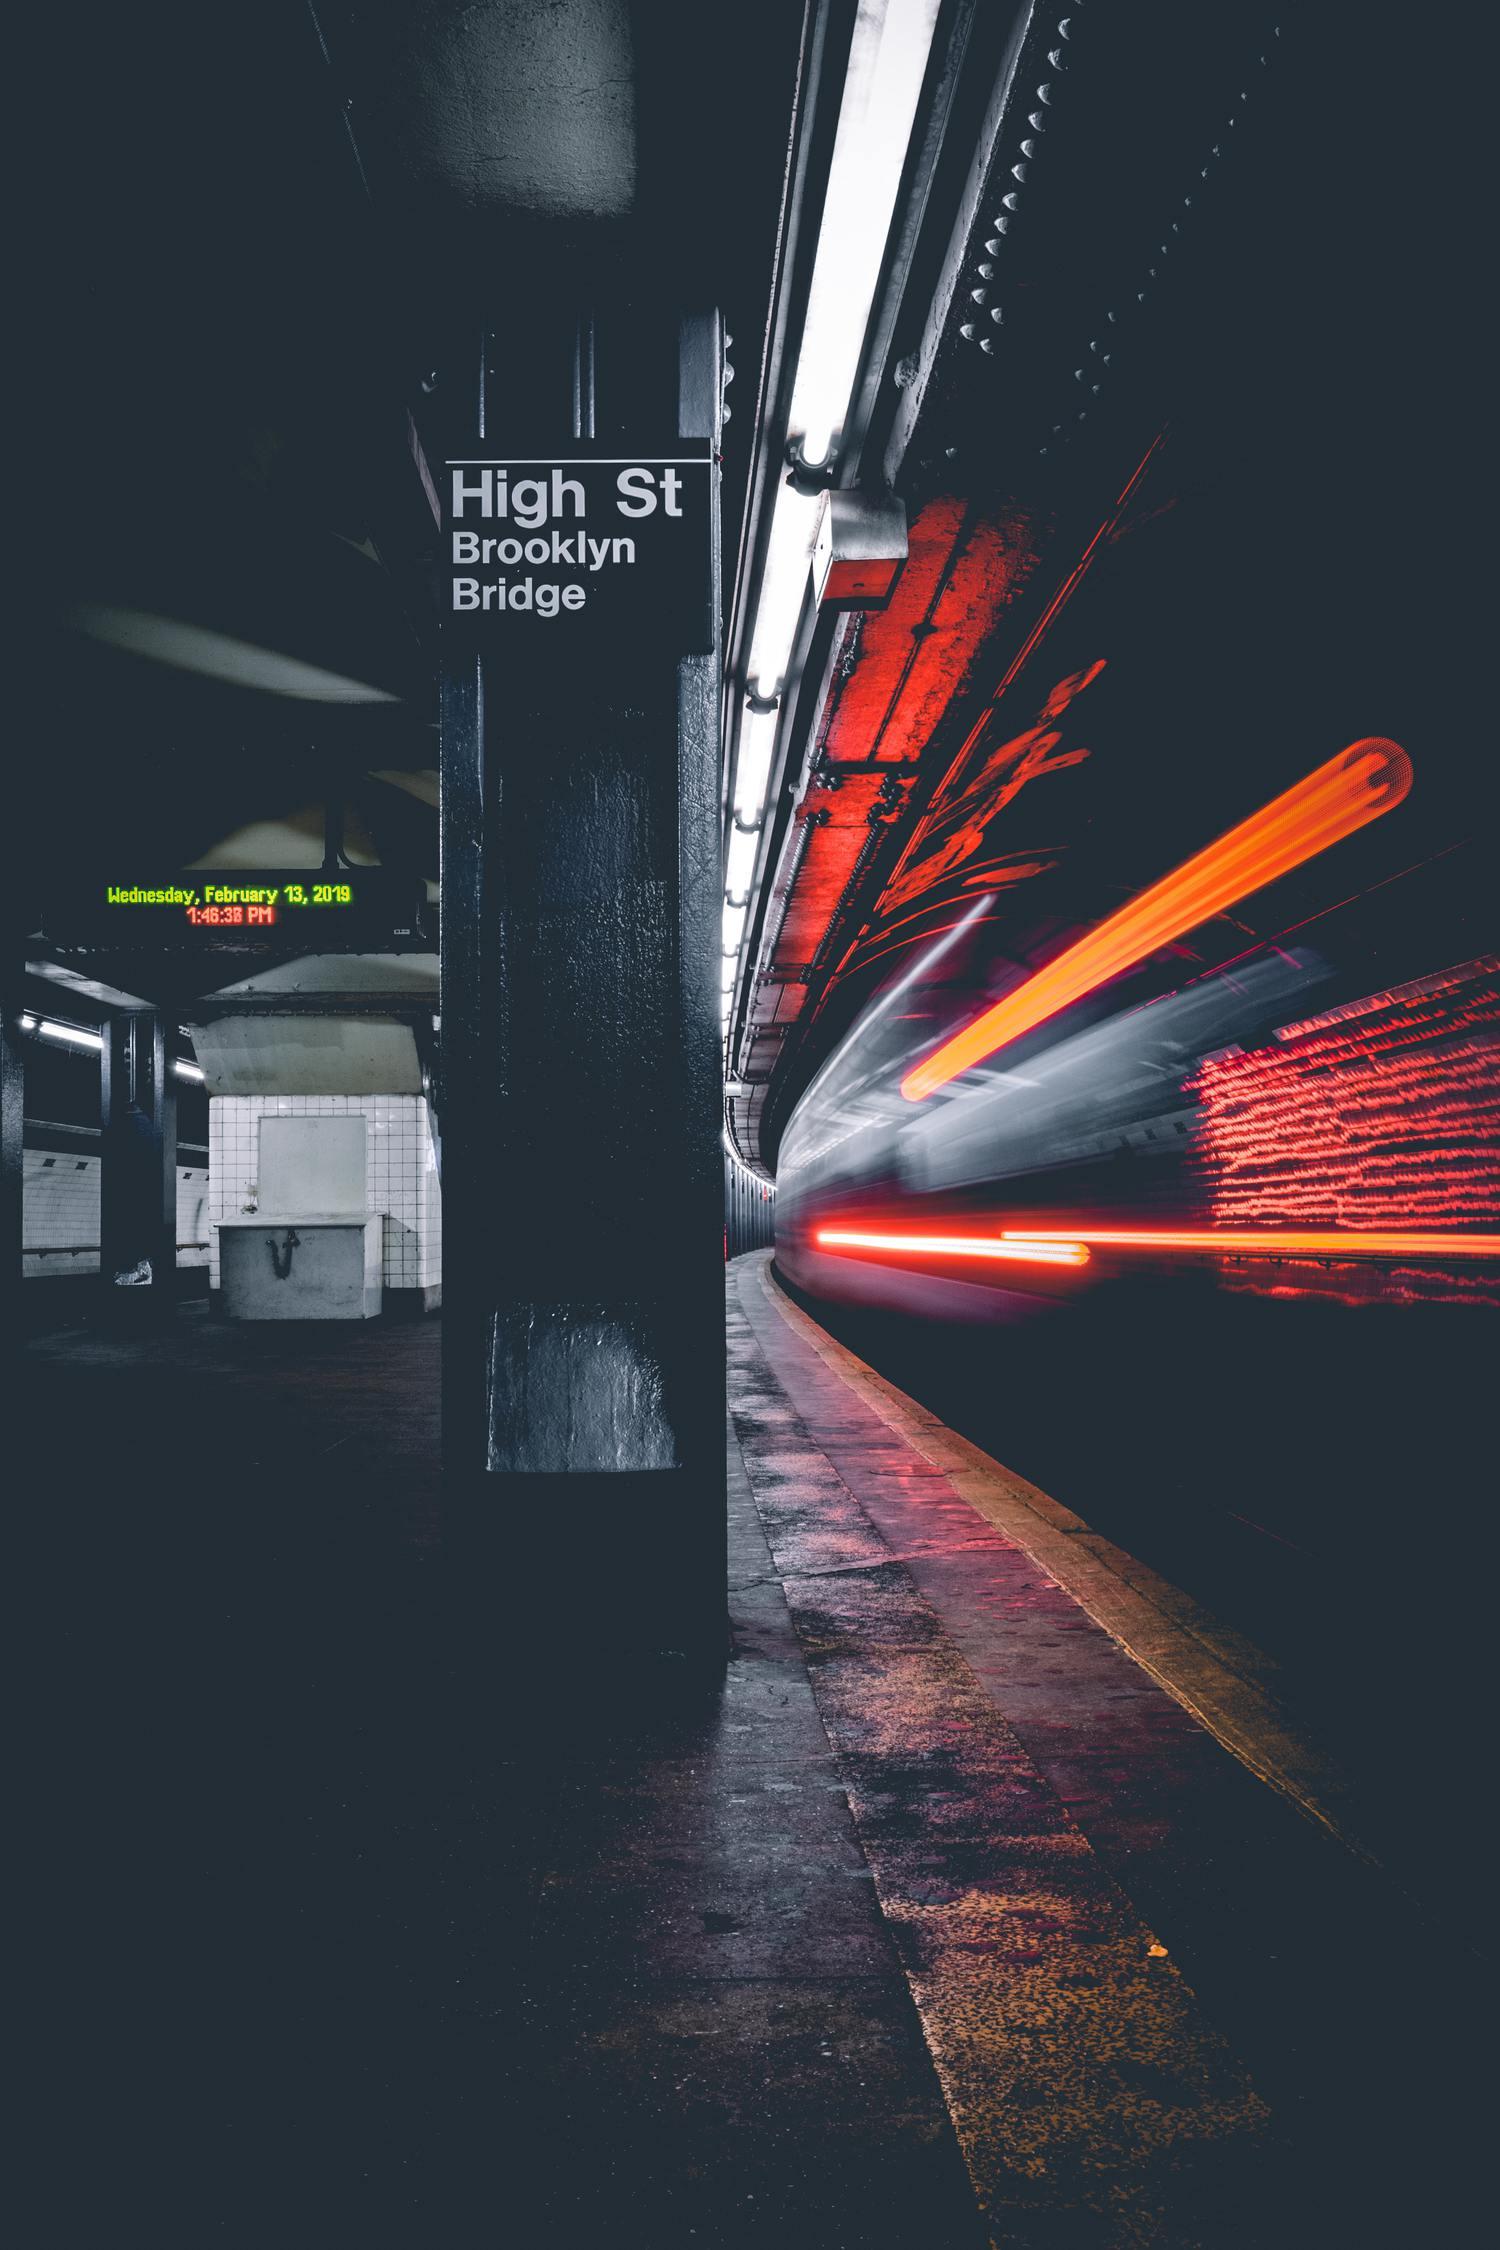 Estelas de luz en estación de metro con larga exposición